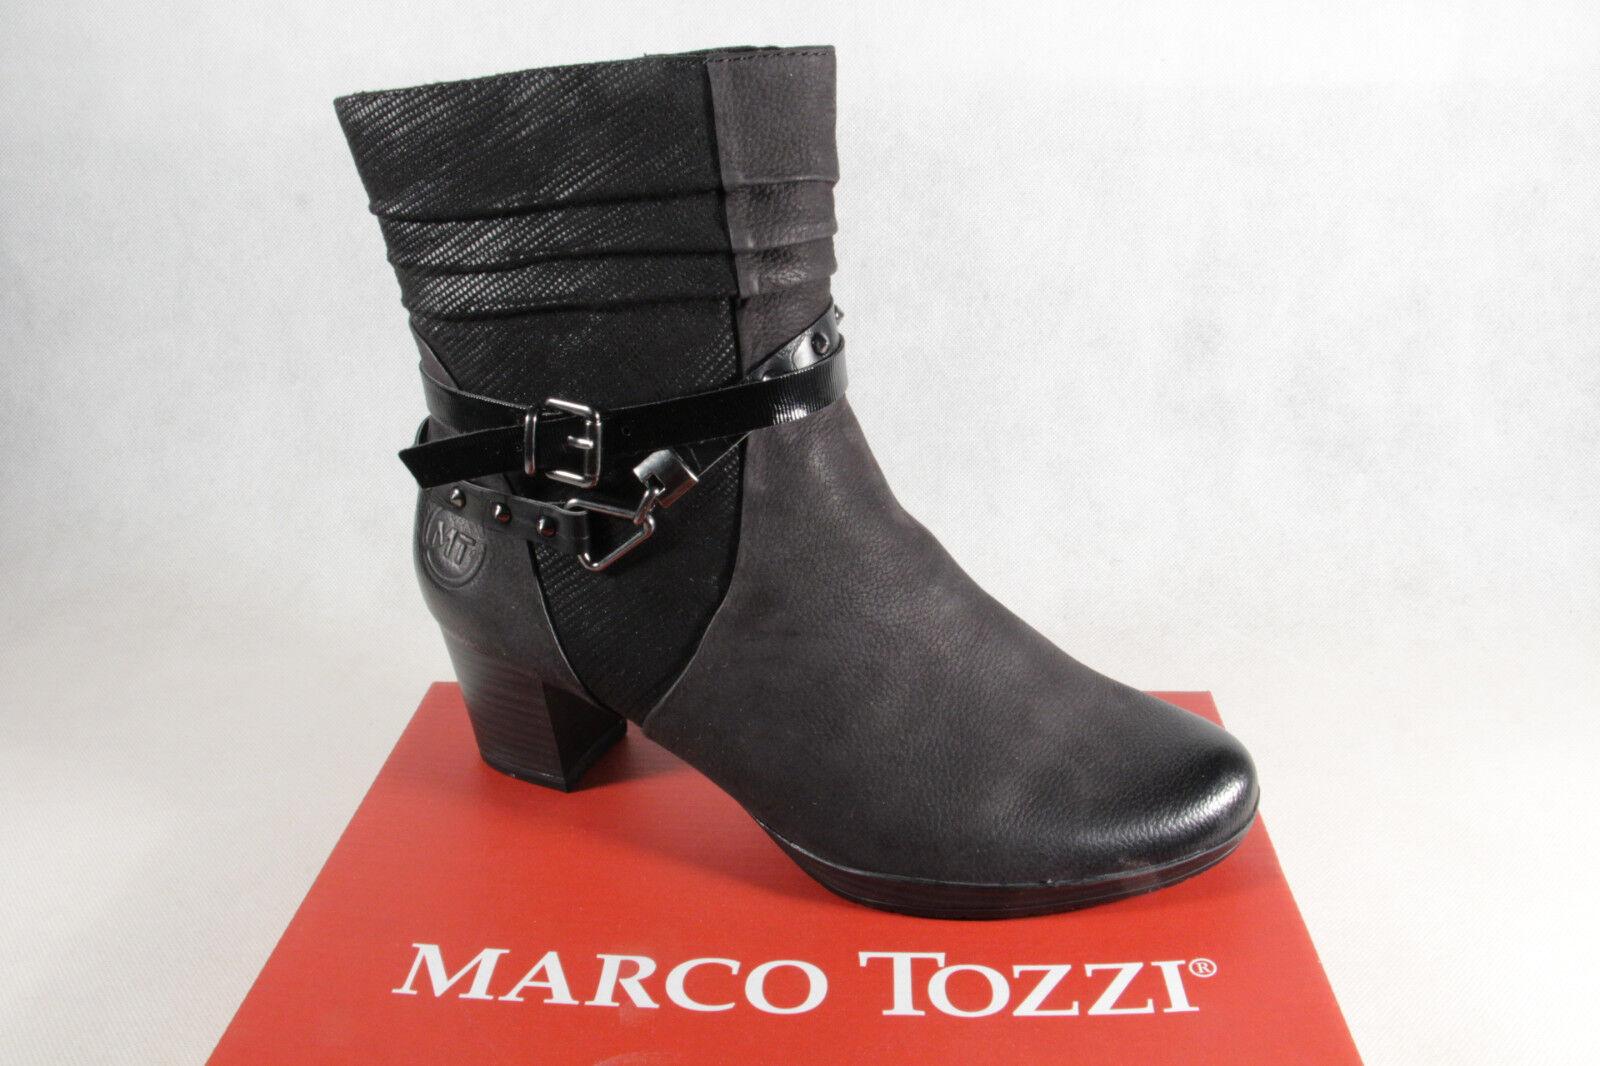 Marco Tozzi botín botas, negro, cuero 25421 nuevo!!!